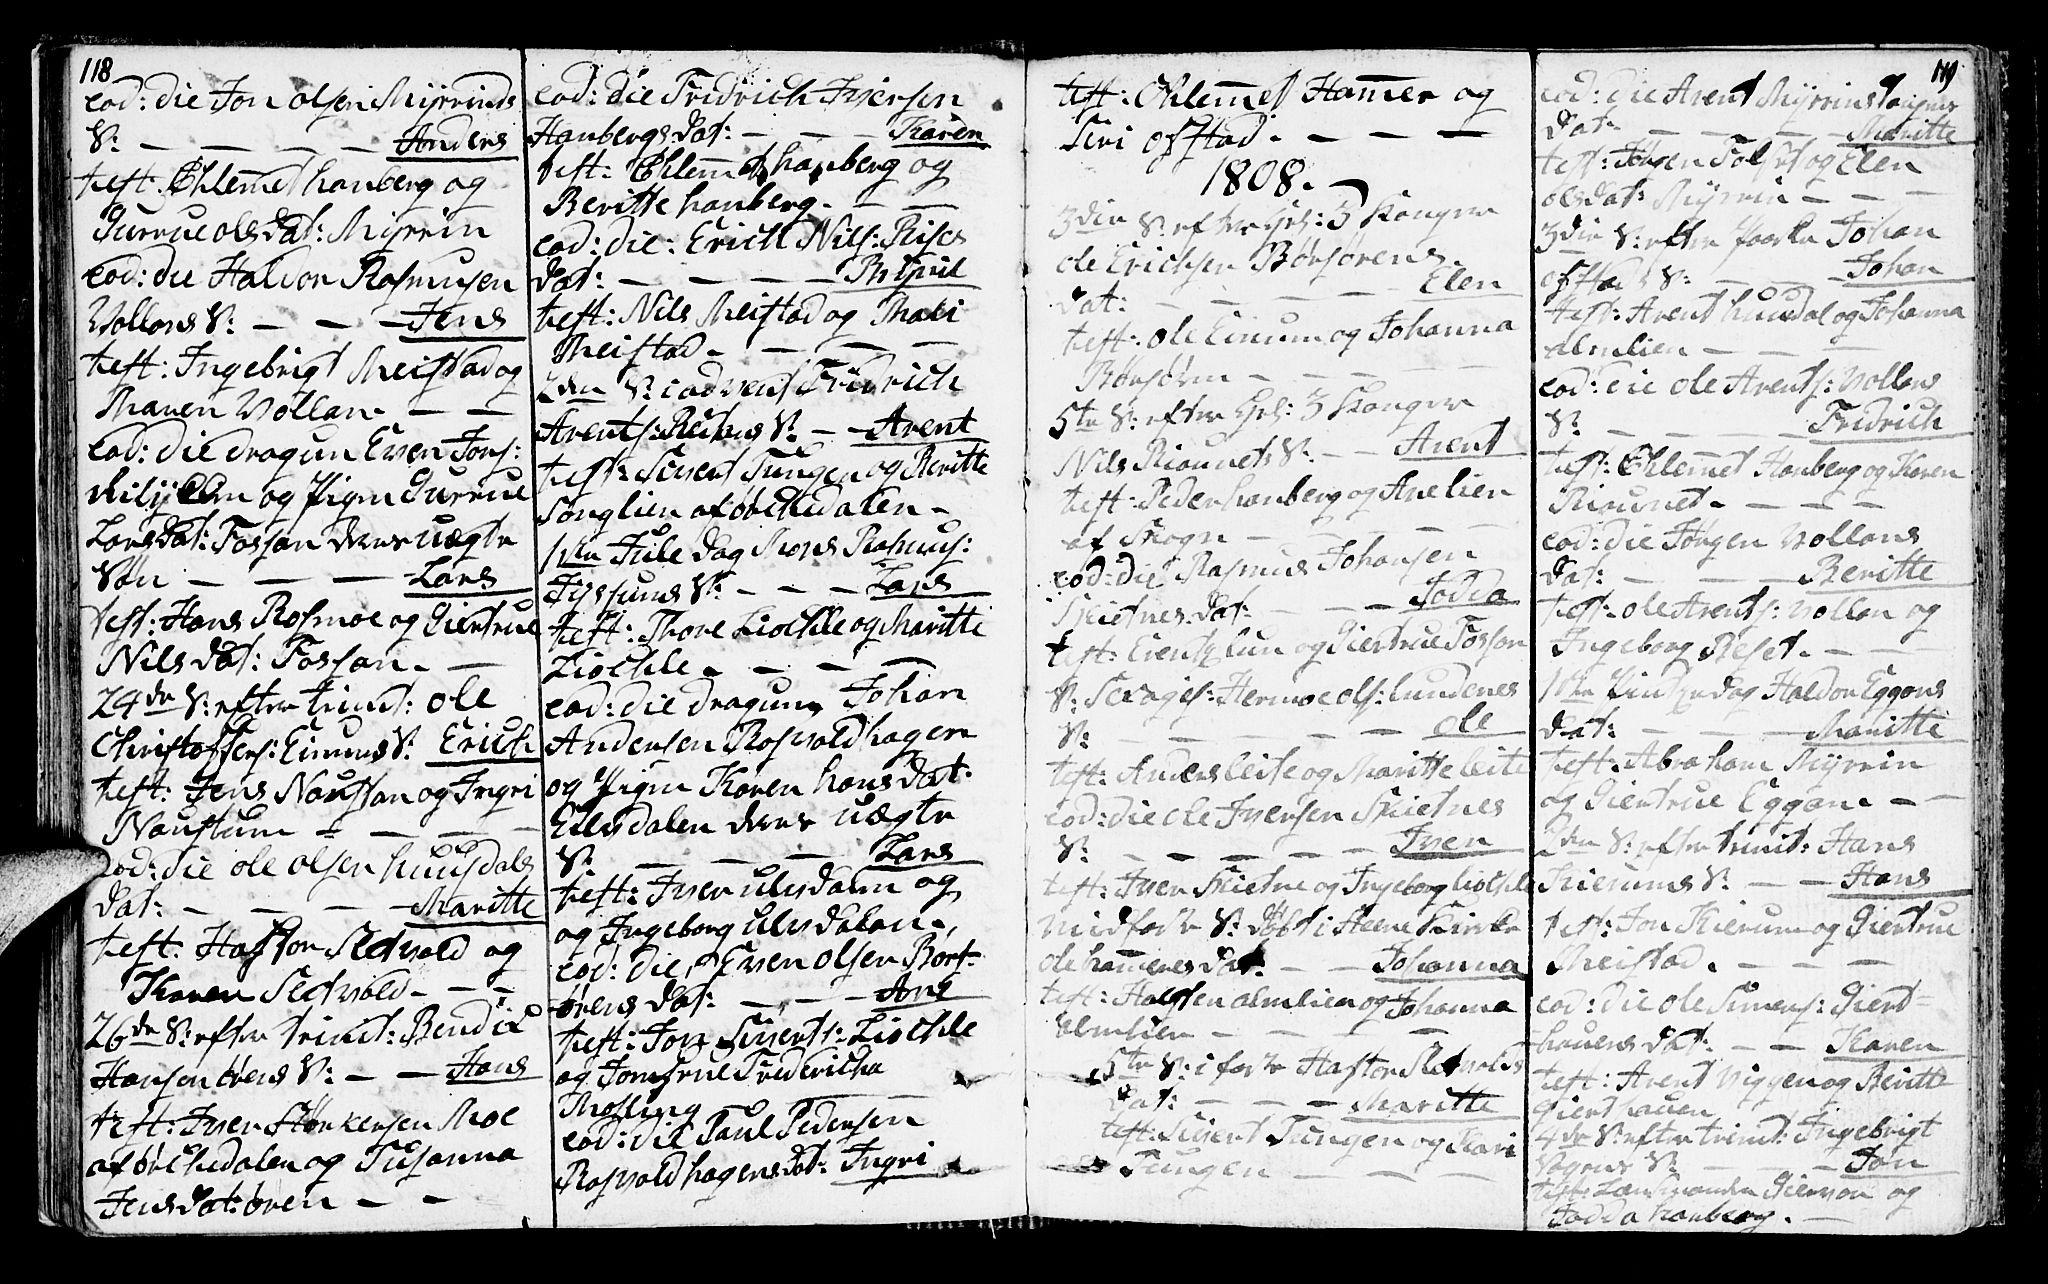 SAT, Ministerialprotokoller, klokkerbøker og fødselsregistre - Sør-Trøndelag, 665/L0769: Ministerialbok nr. 665A04, 1803-1816, s. 118-119